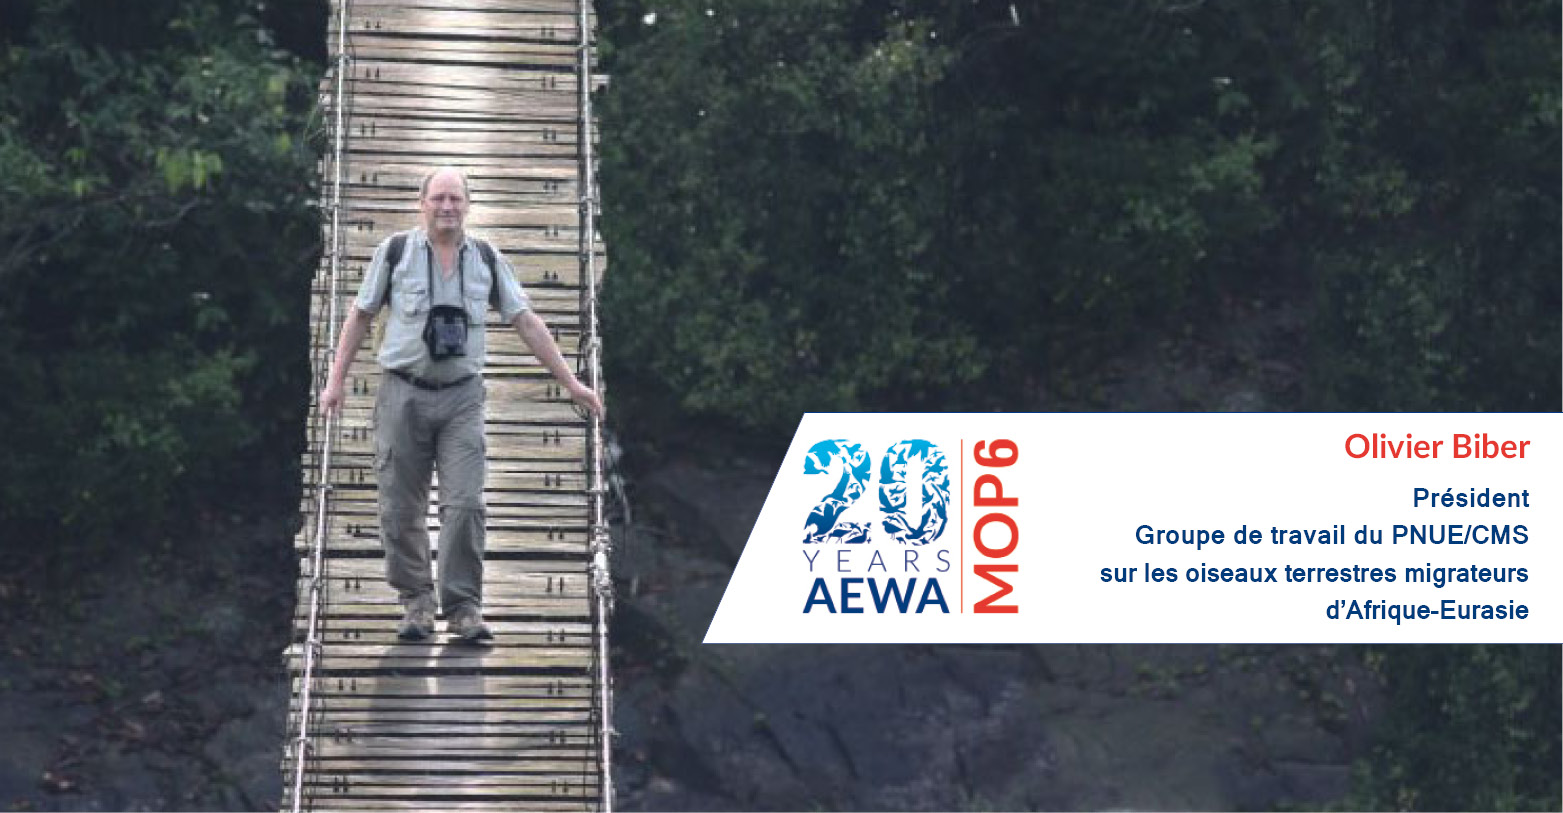 Olivier Biber, Président, Groupe de travail du PNUE/CMS  sur les oiseaux terrestres migrateurs  d'Afrique-Eurasie